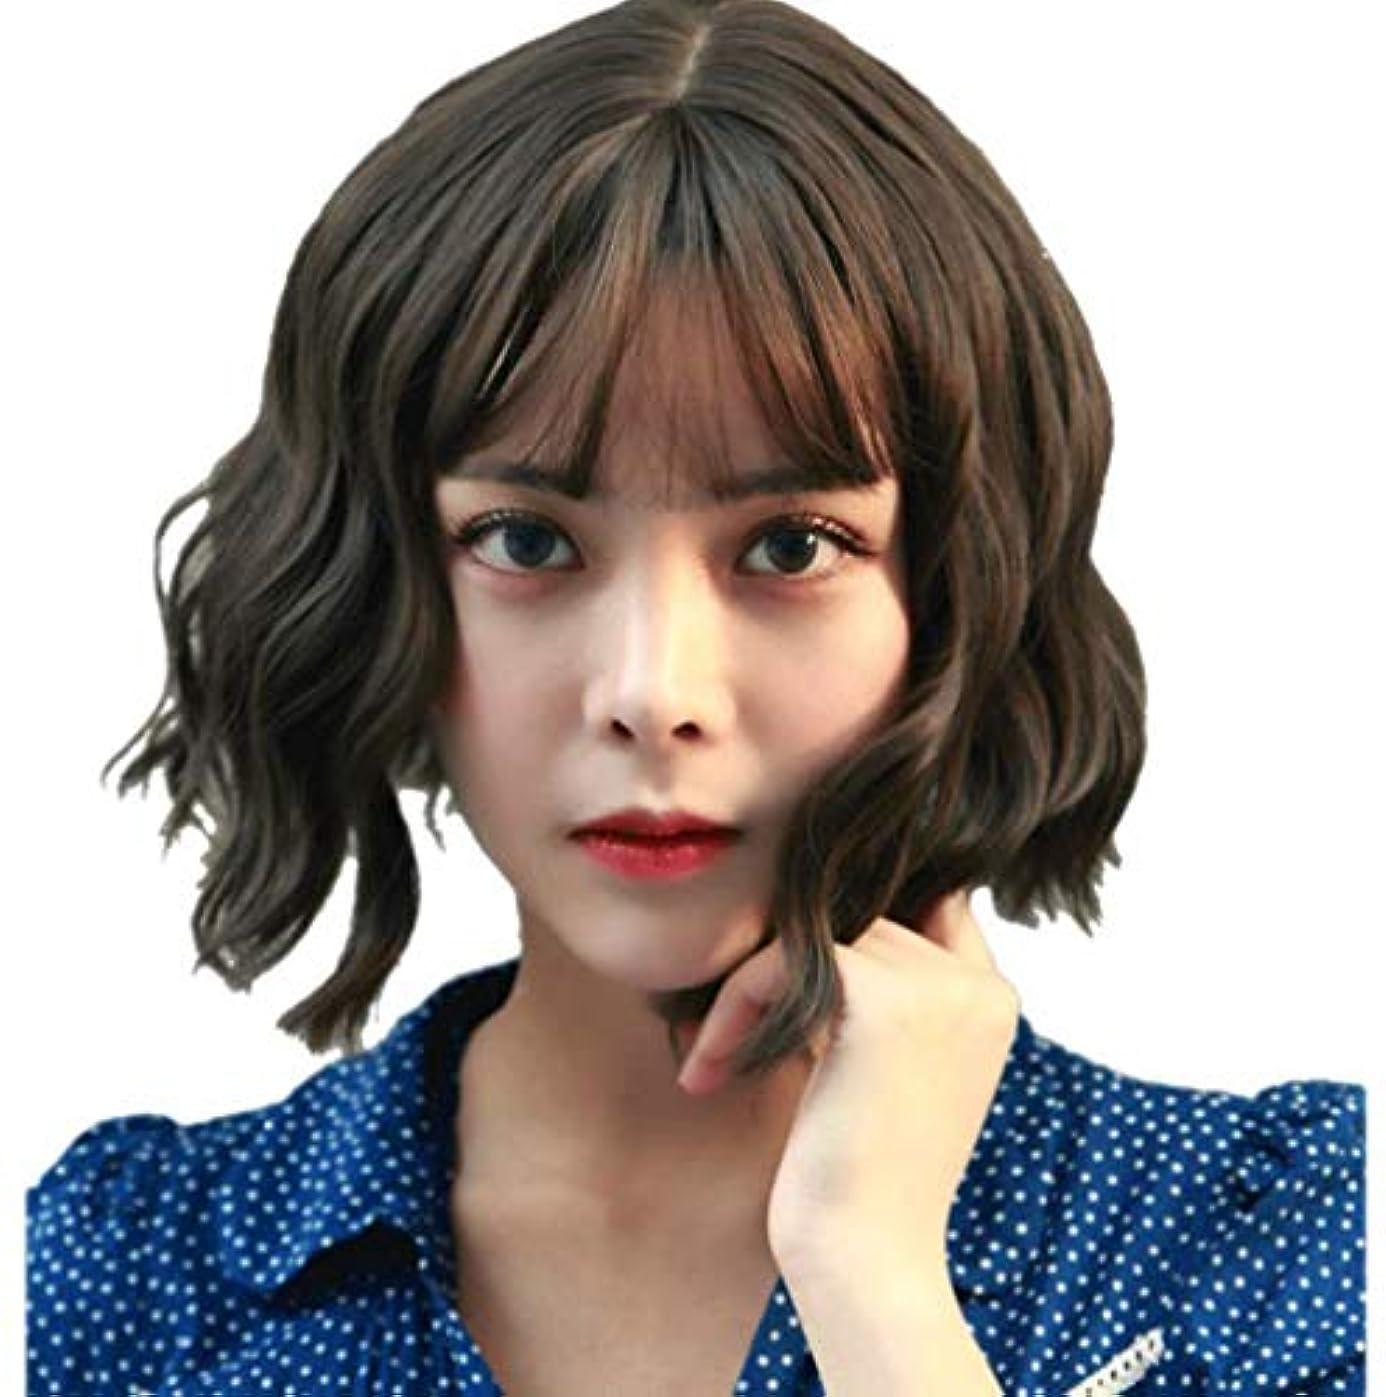 アニメーション誇張する怠けたウィッグ女性のショートヘアショートカーリーヘアコーンホットウェーブヘッドバブルフェイスカーリングヘッド LH2207 (コールドブラウン)